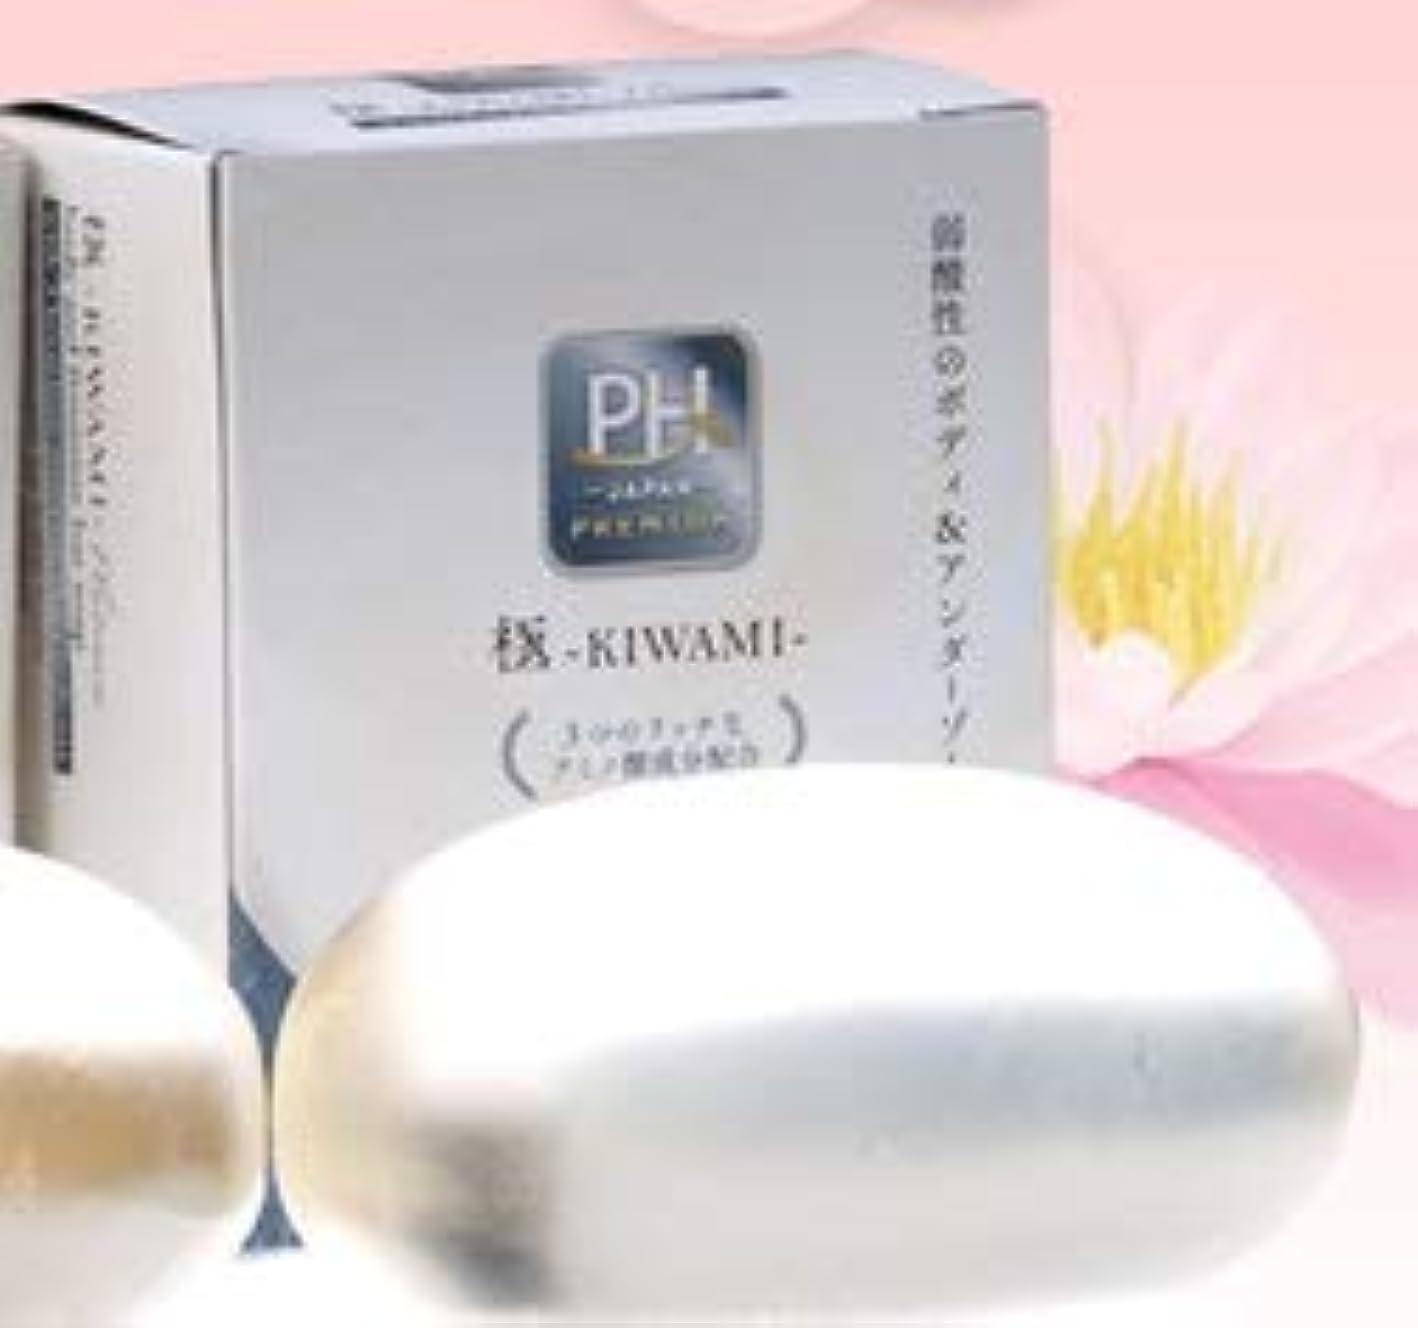 年分析スナック弱酸性アミノ酸 透明固形石けん 極-KIWAMI-プラチナ